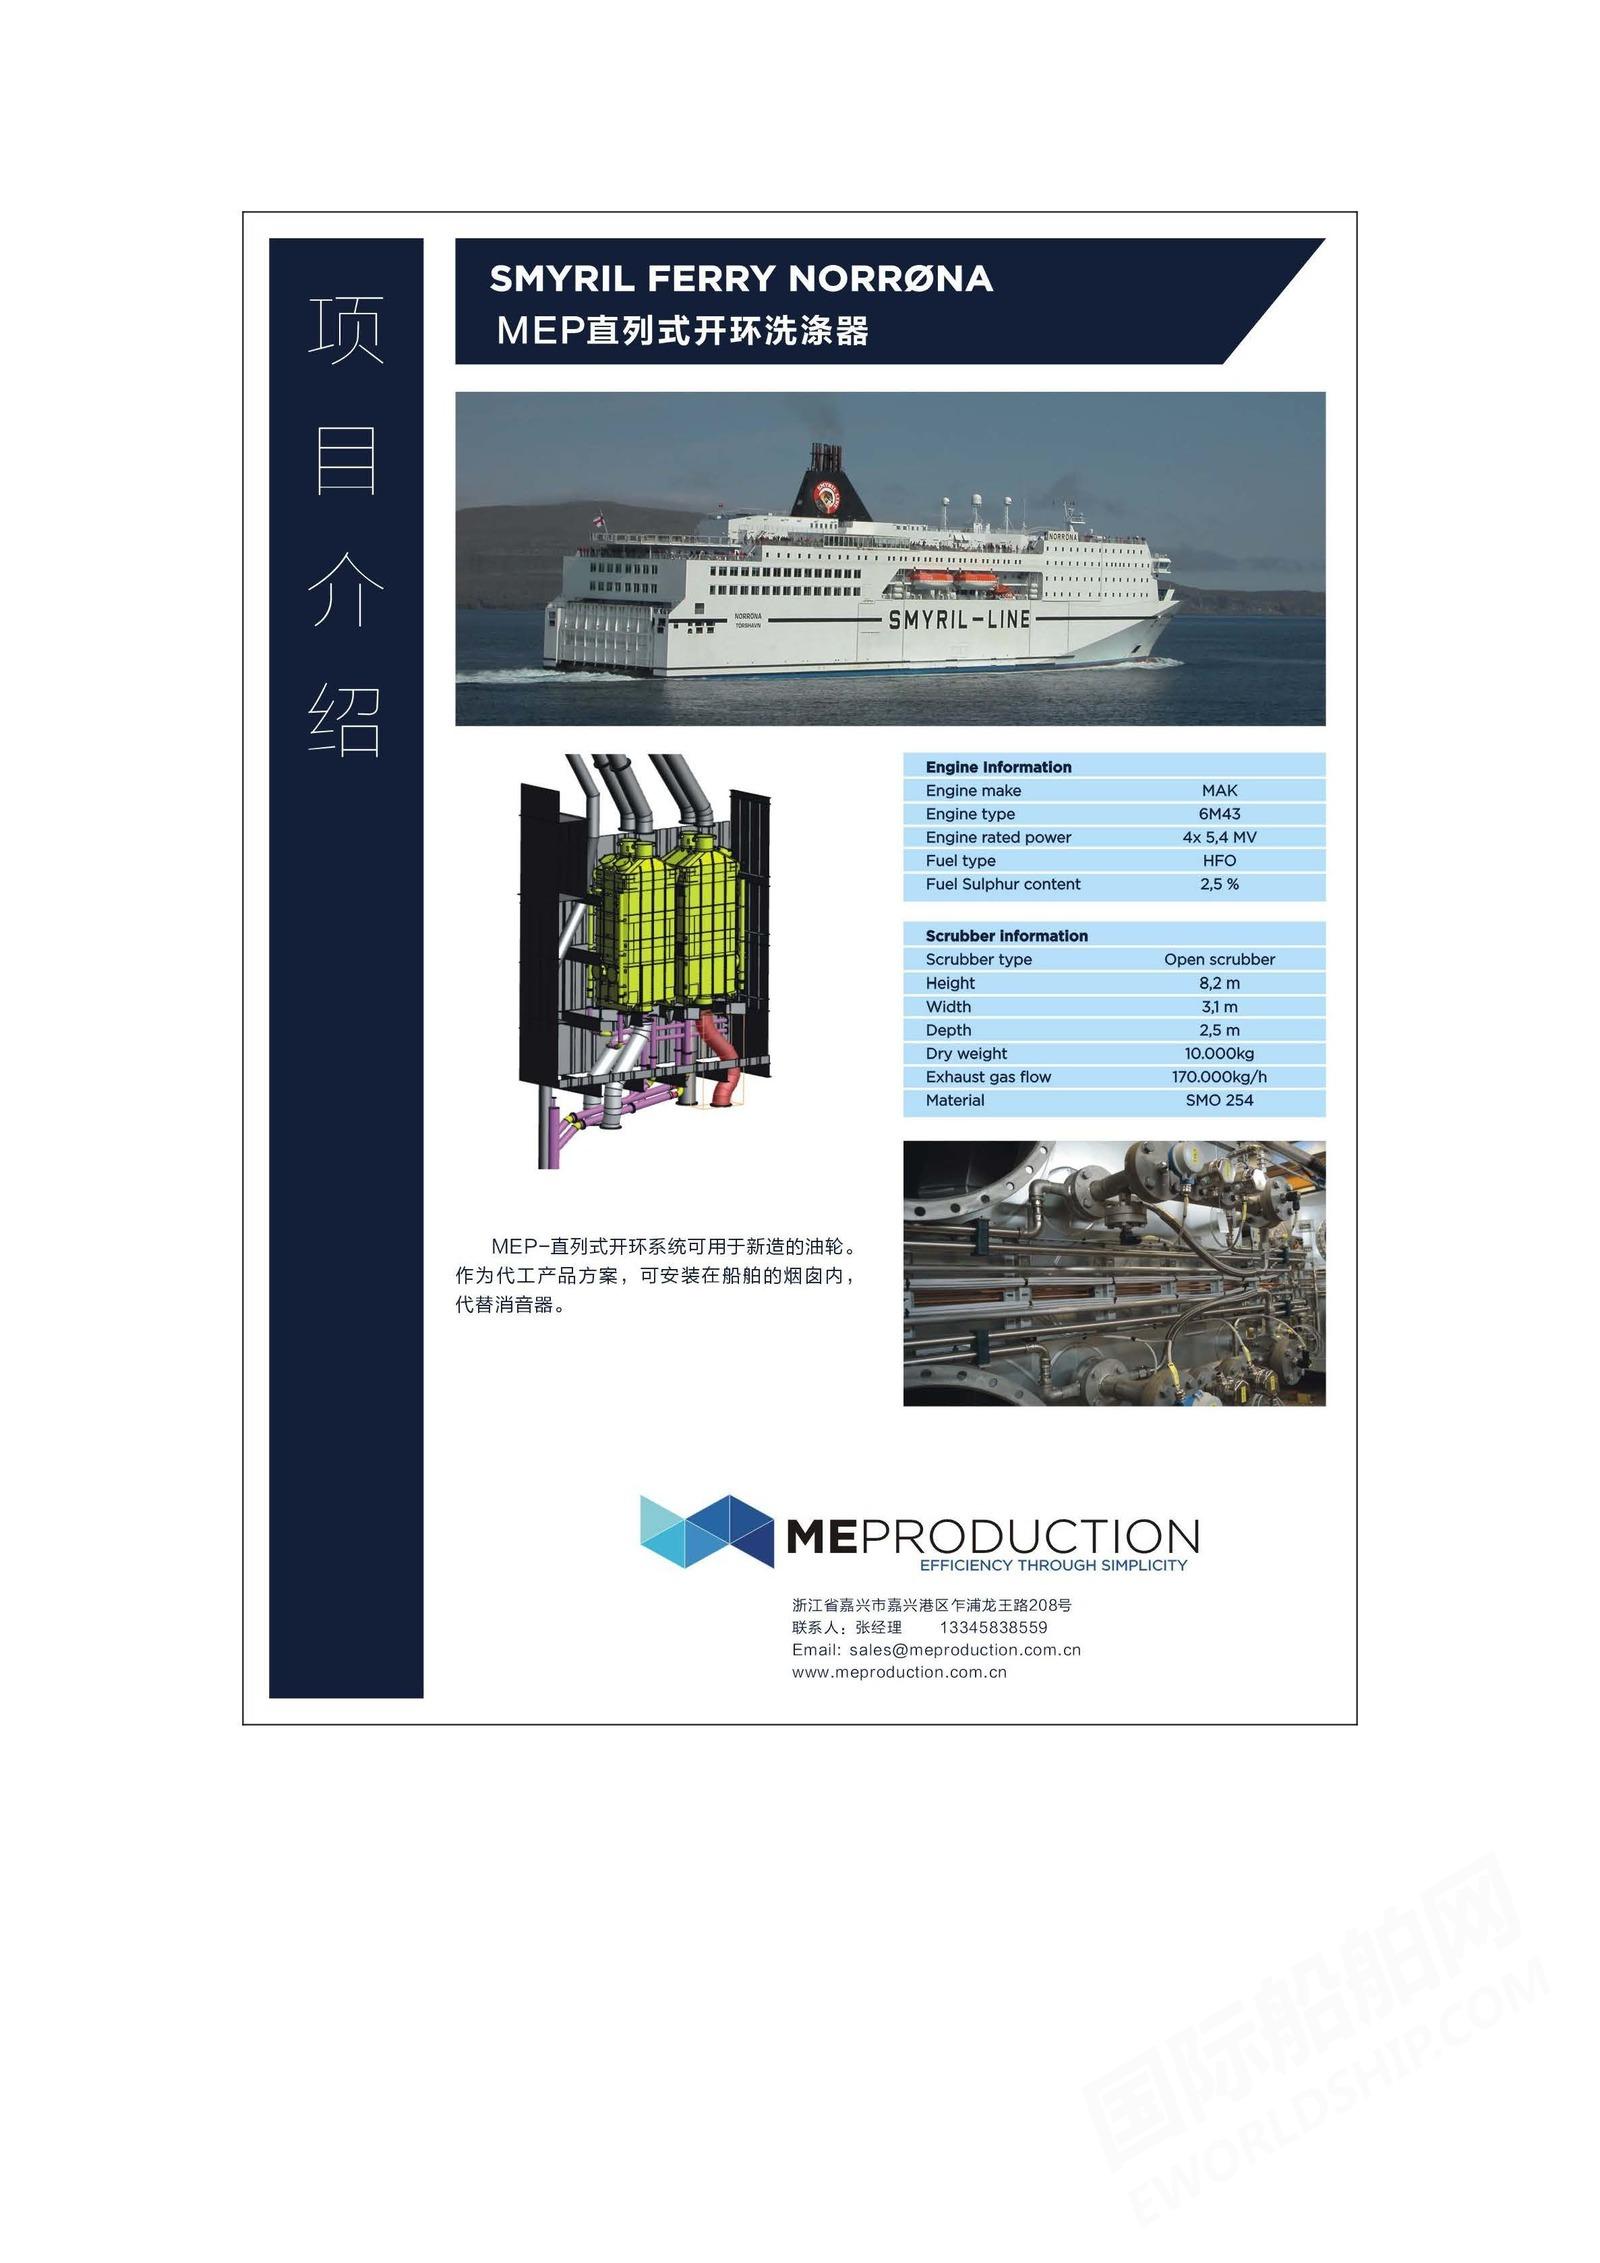 浙江迈宇环保样本中文版,meproduction,脱硫